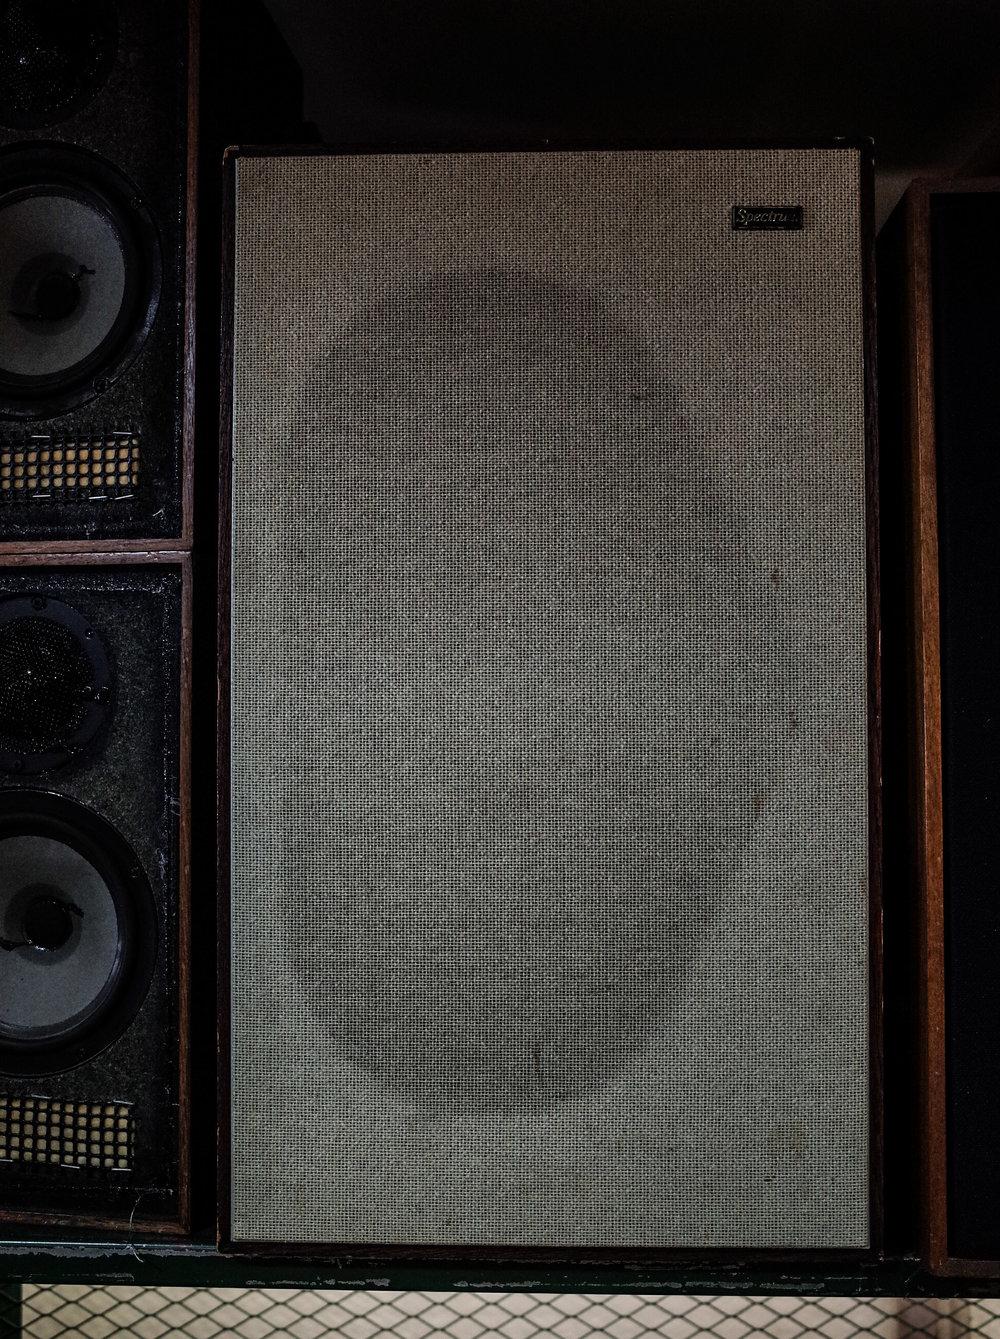 spectrum-speaker.jpg